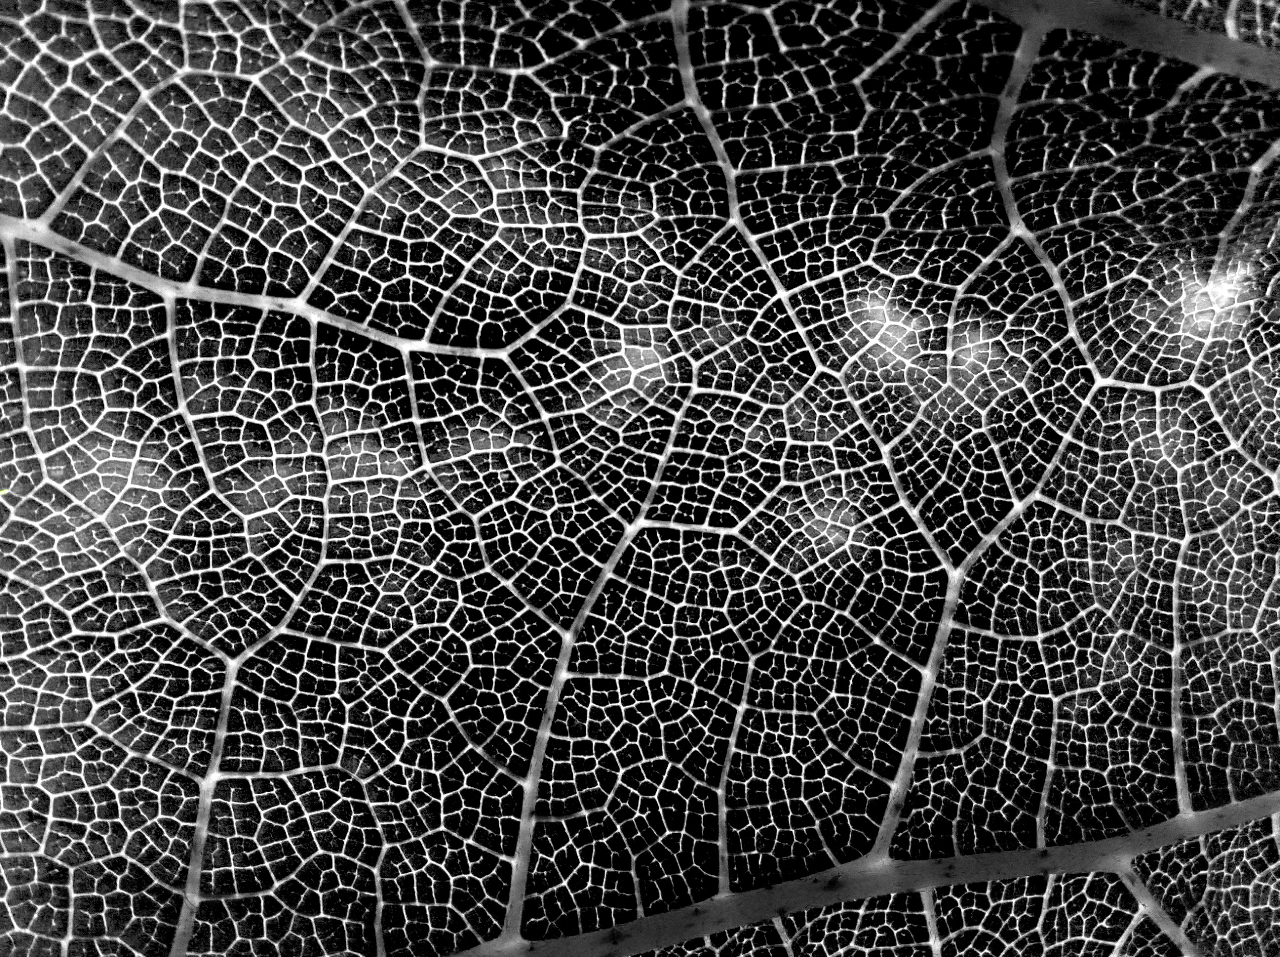 leaf black and white - photo #13